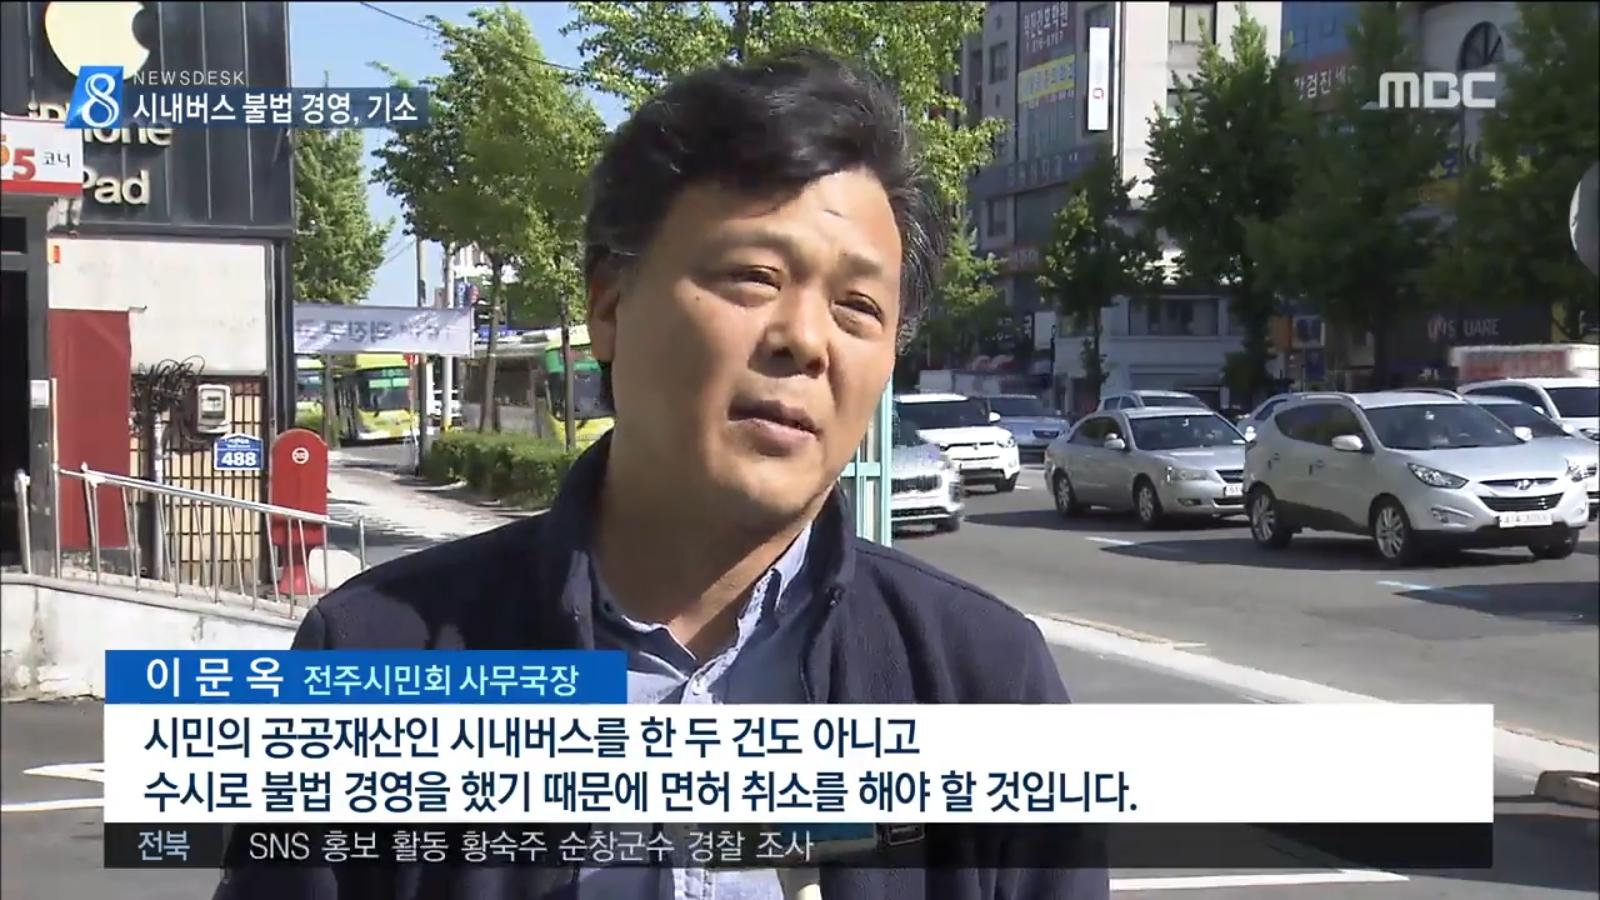 [18.5.7 MBC전주] 전주시내버스 부도덕한 경영 확인돼, 전주시 책임은7.jpg